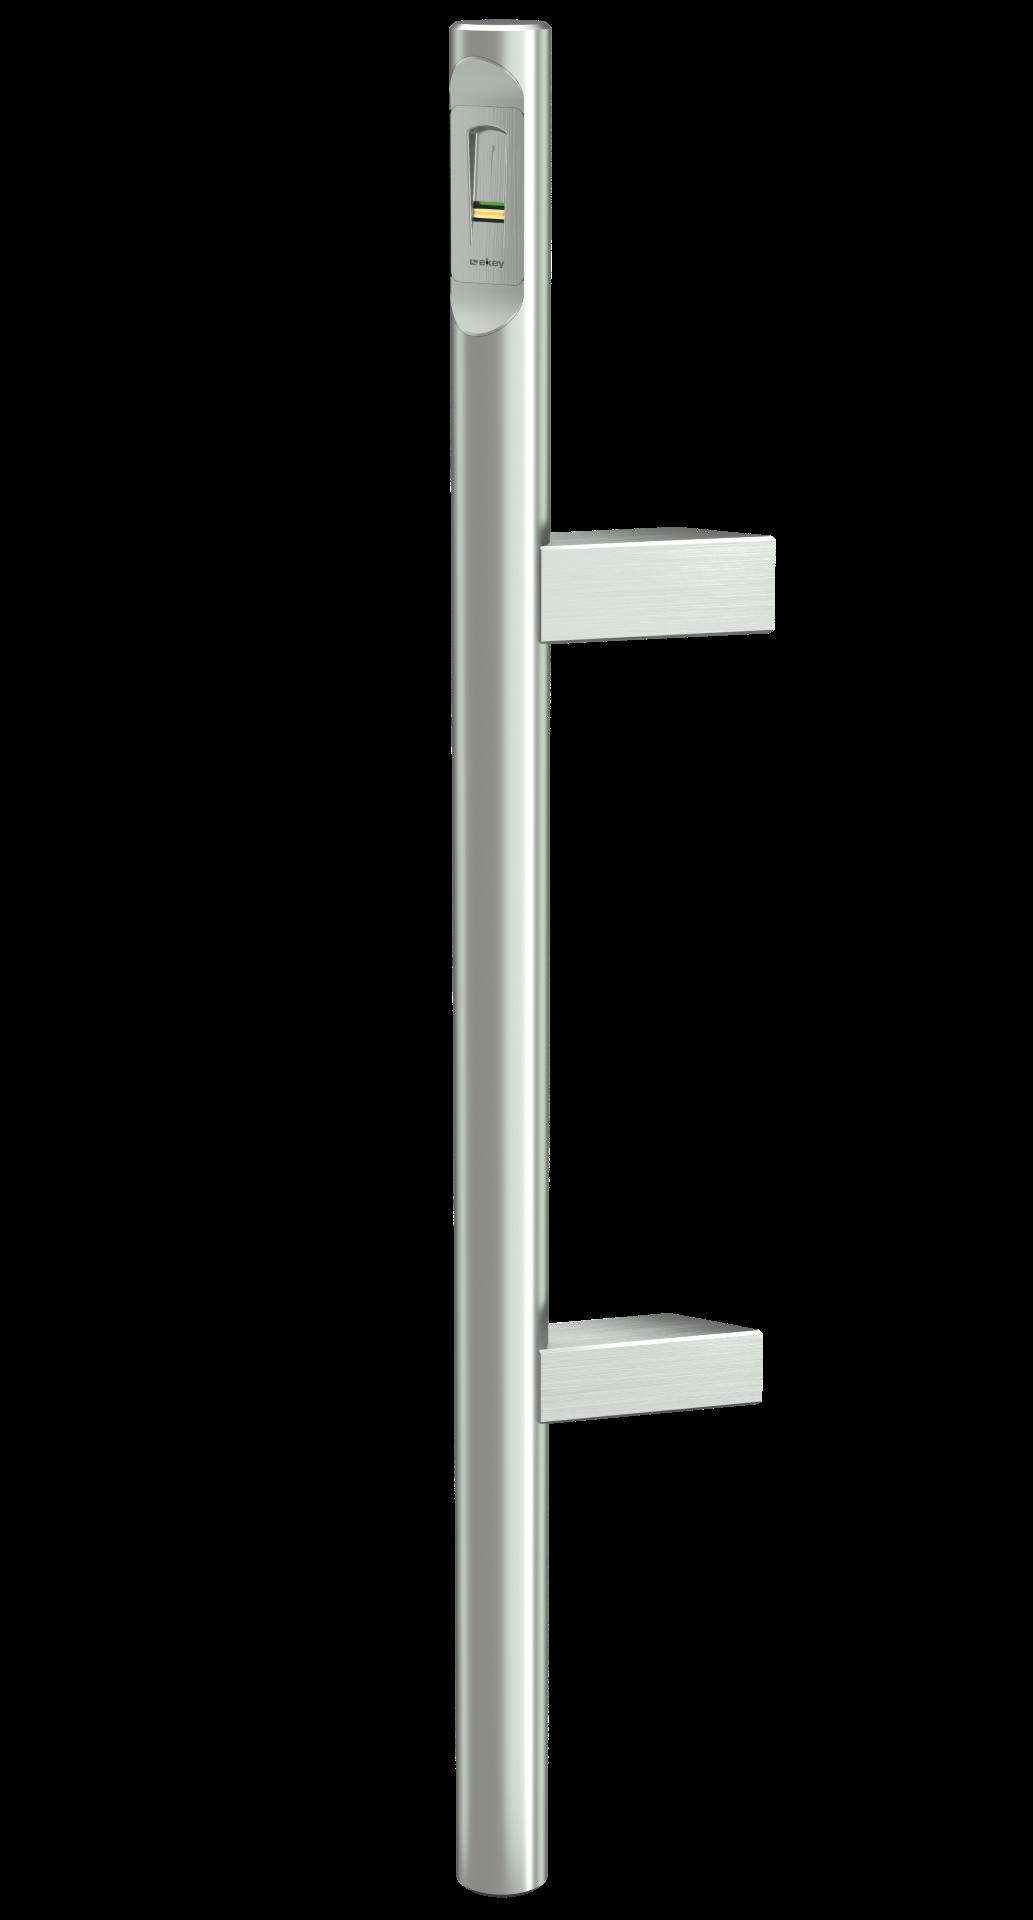 Griffingov ročaj GOK-CPO-45 iz linije Prime Line-inox ročaji za vhodna vrata